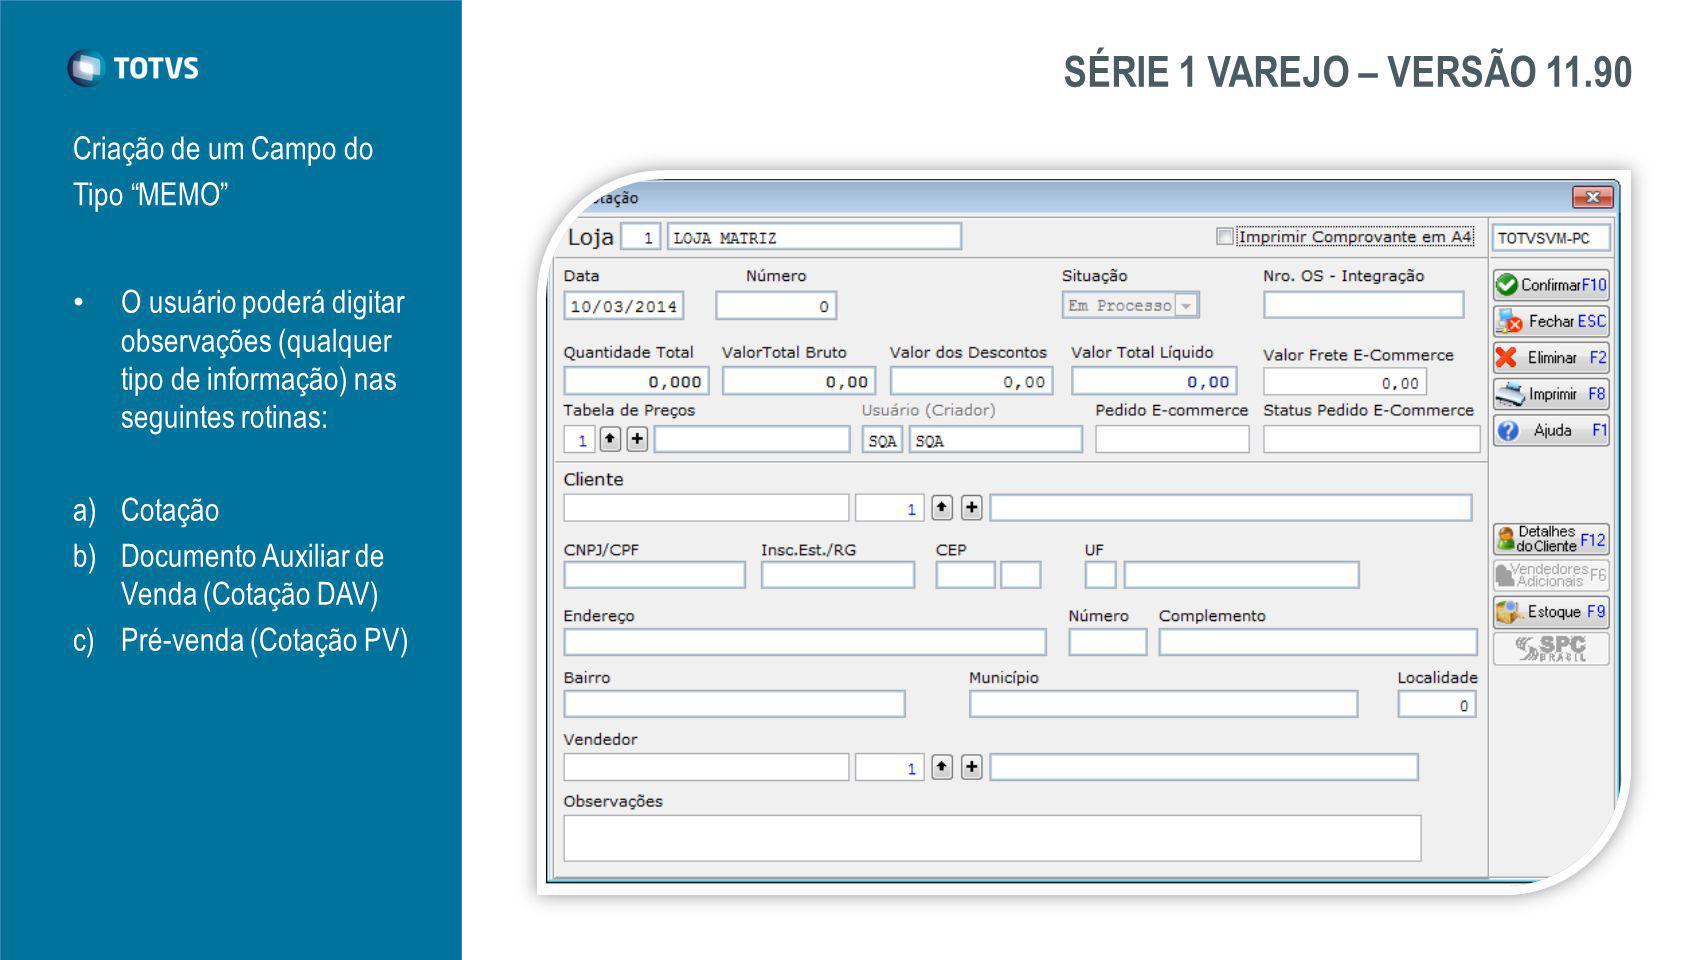 SÉRIE 1 VAREJO – VERSÃO 11.90 Criação de um Campo do Tipo MEMO O usuário poderá digitar observações (qualquer tipo de informação) nas seguintes rotinas: a)Cotação b)Documento Auxiliar de Venda (Cotação DAV) c)Pré-venda (Cotação PV)